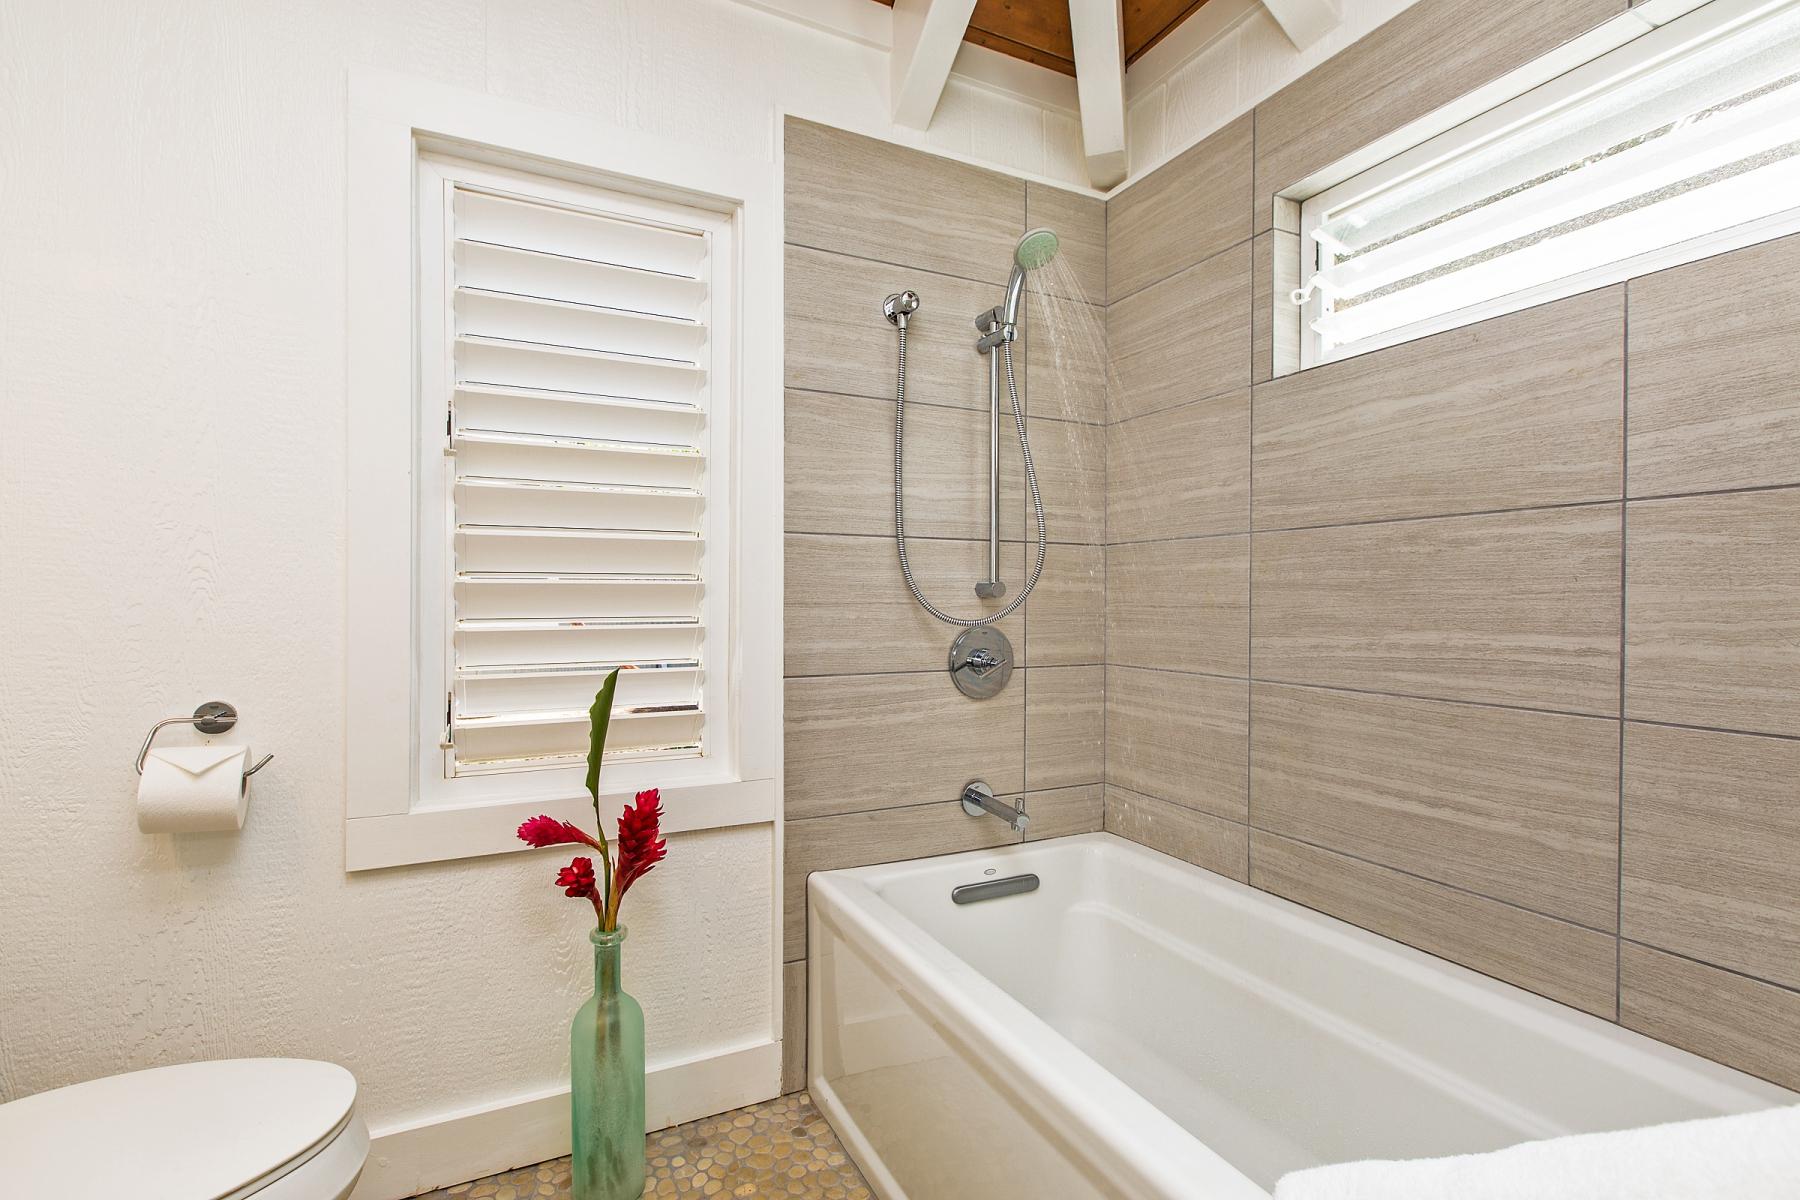 3rd-Bathroom.jpg_1800x1200_2194185.jpg